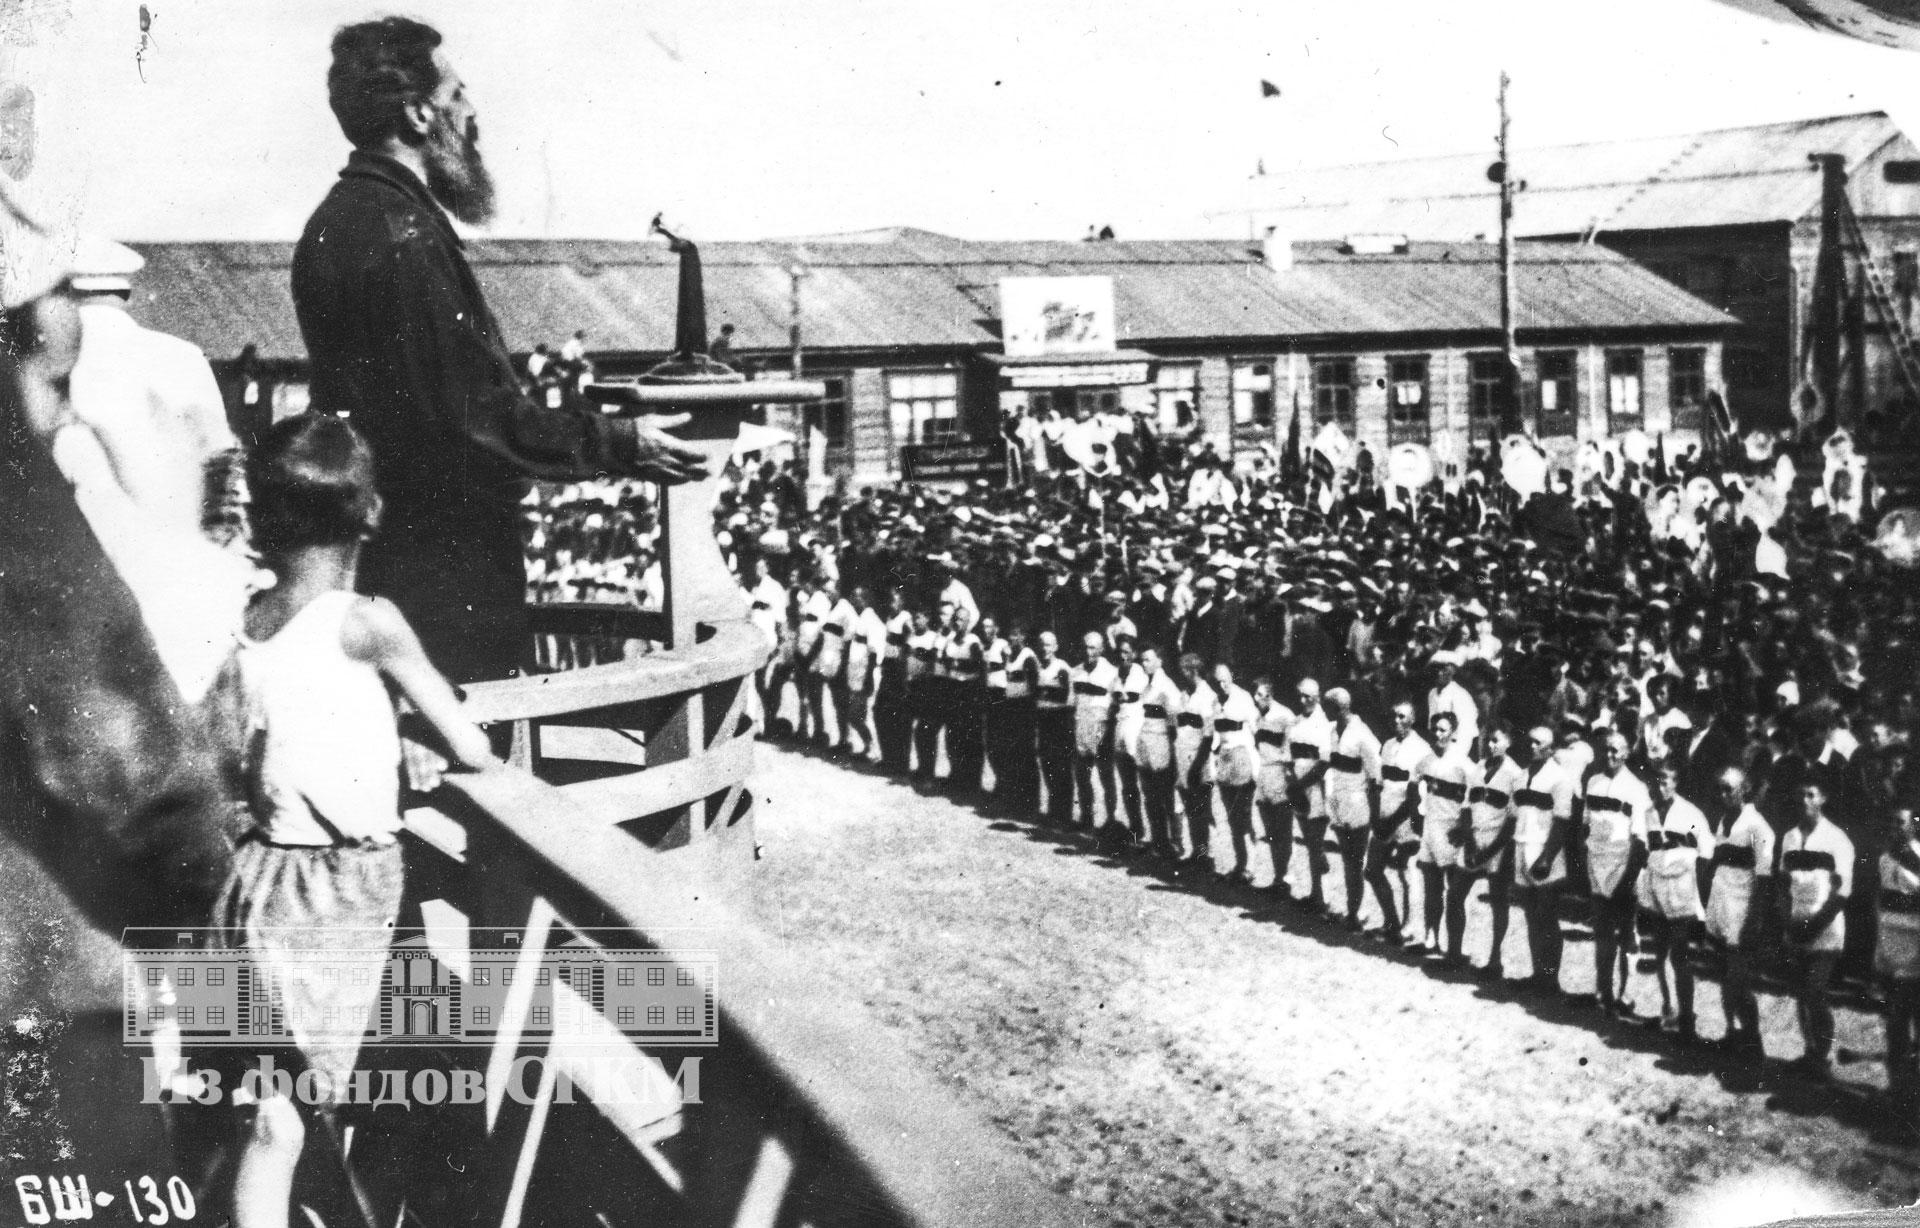 1937. Встреча строителей со знаменитым полярником и ученым О.Ю. Шмидтом